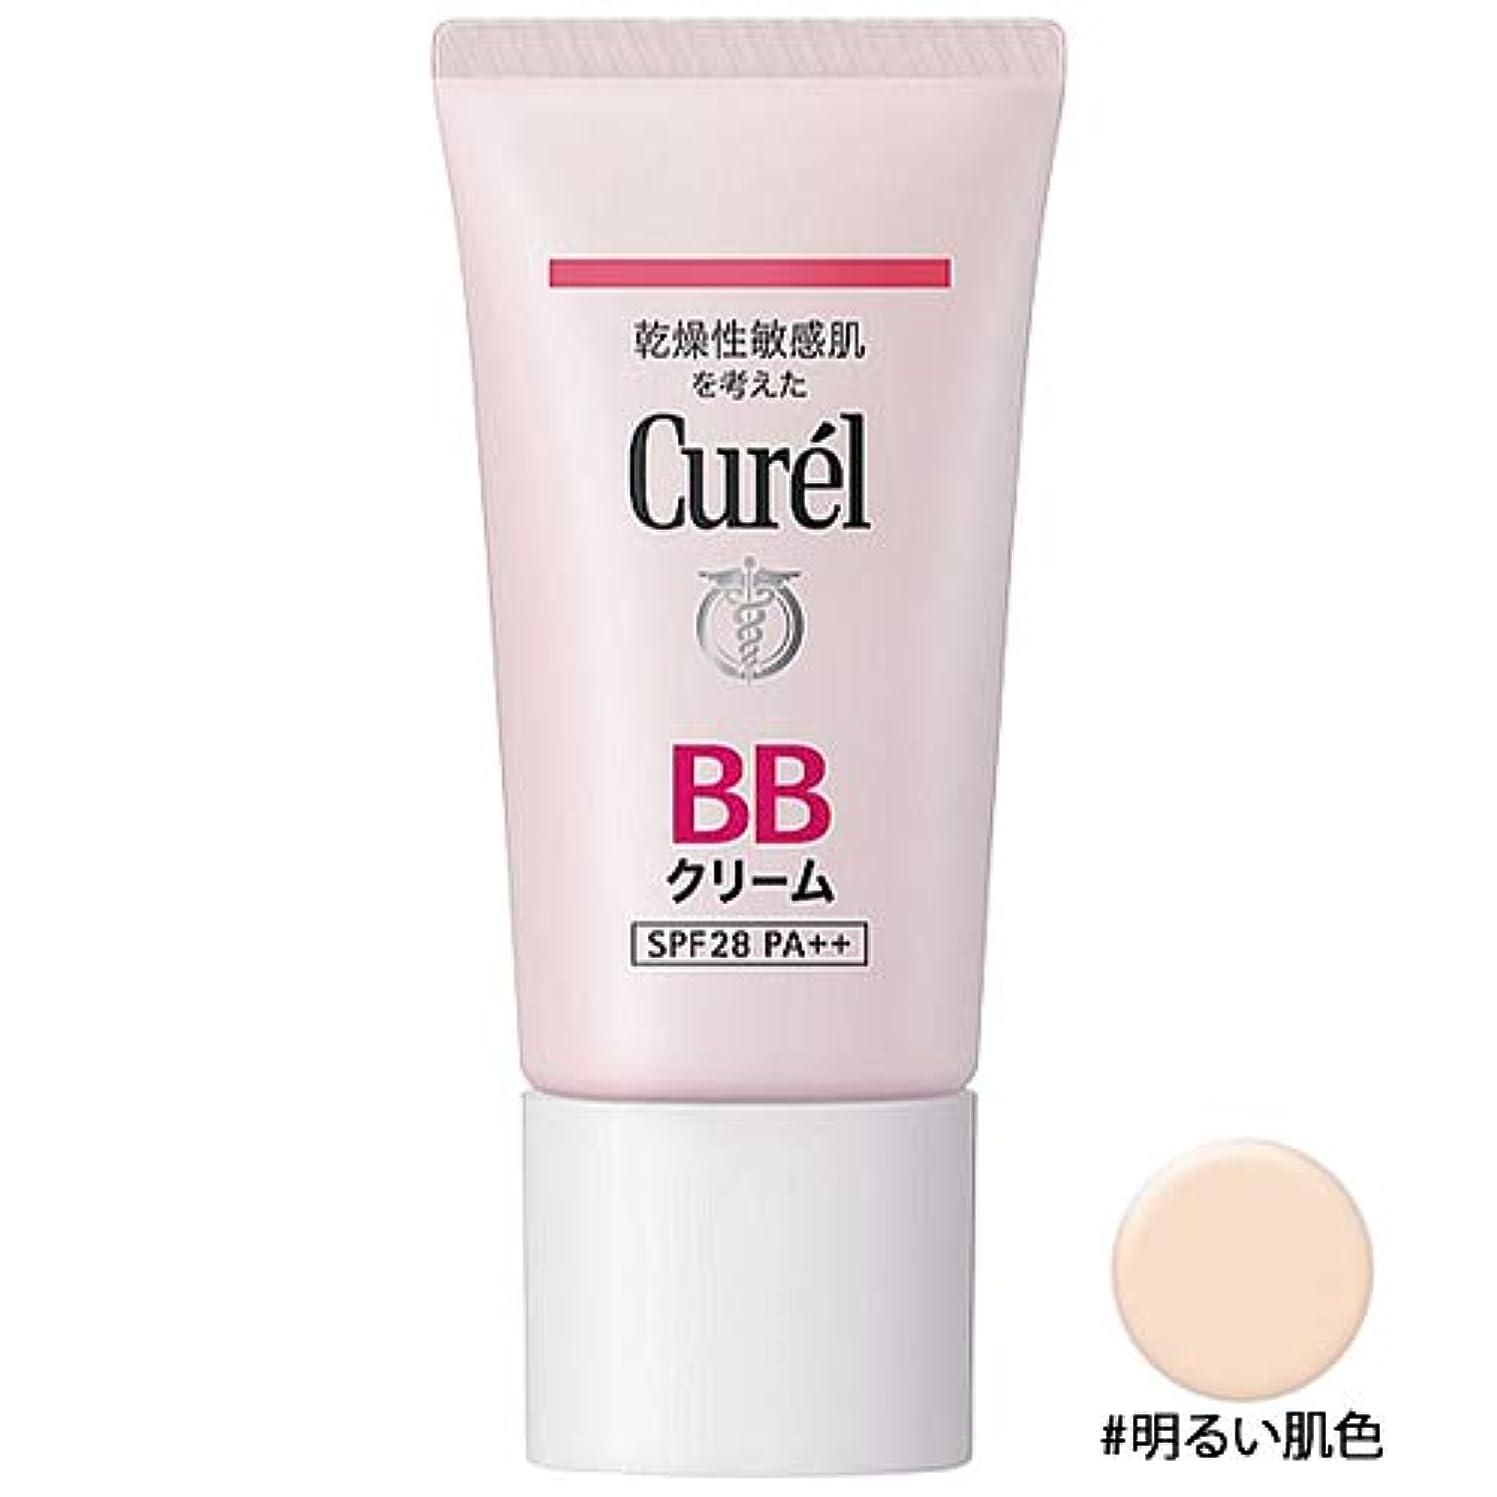 証明約設定間違いなくキュレル・BBクリーム 明るい肌色 35g (化粧下地) [並行輸入品]